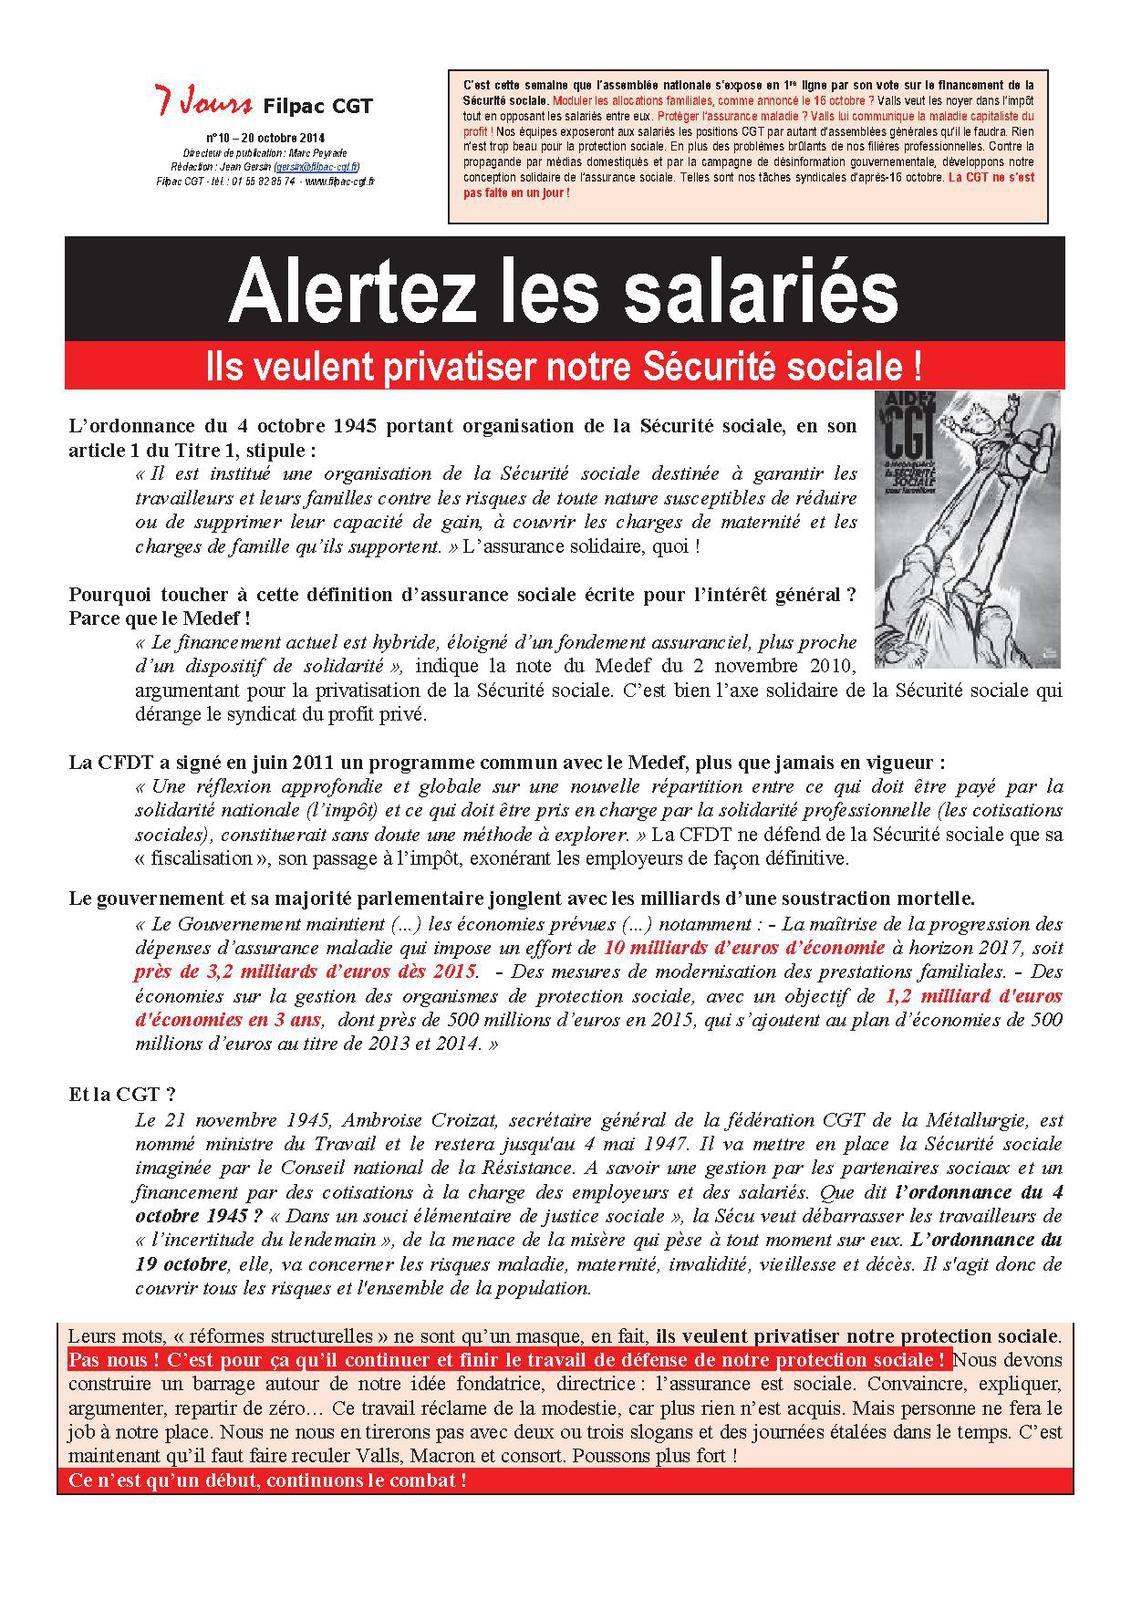 Alertez les salariés. Ils veulent privatiser notre Sécurité sociale!